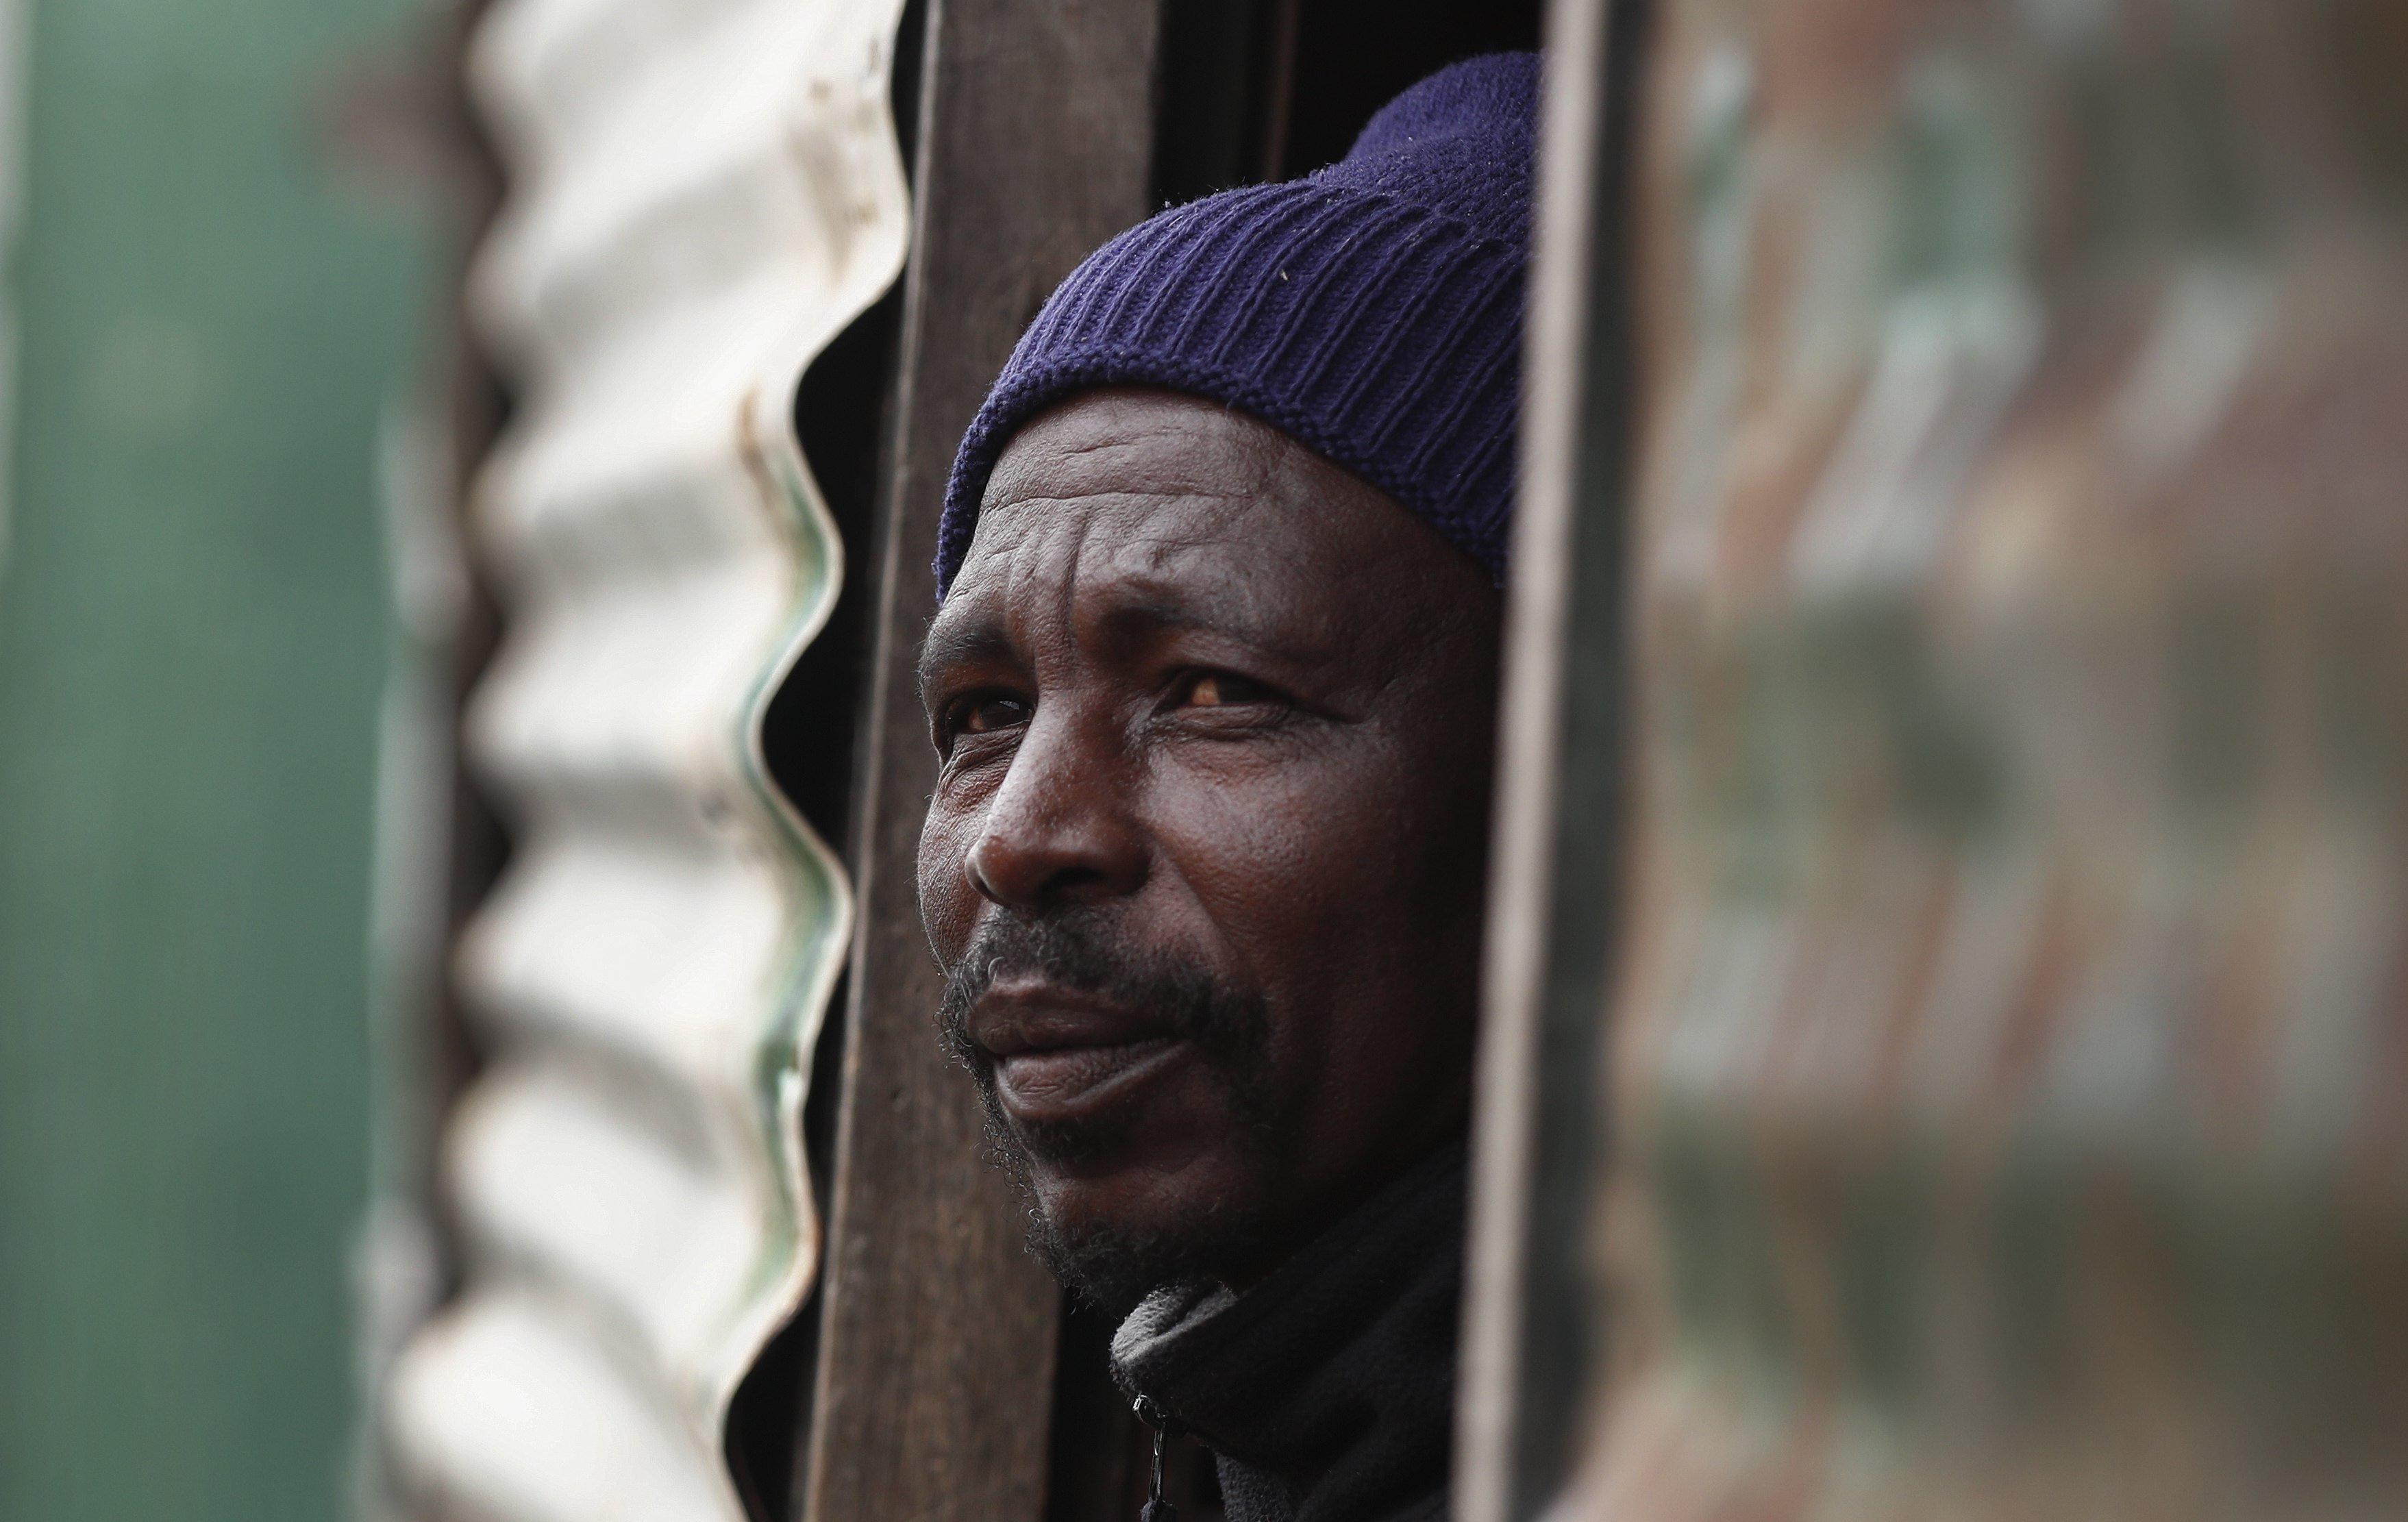 Entre els anys 2011 i 2015, la pobresa a Sud-àfrica s'ha incrementat en més de tres milions de persones. /NIC BOTHMA